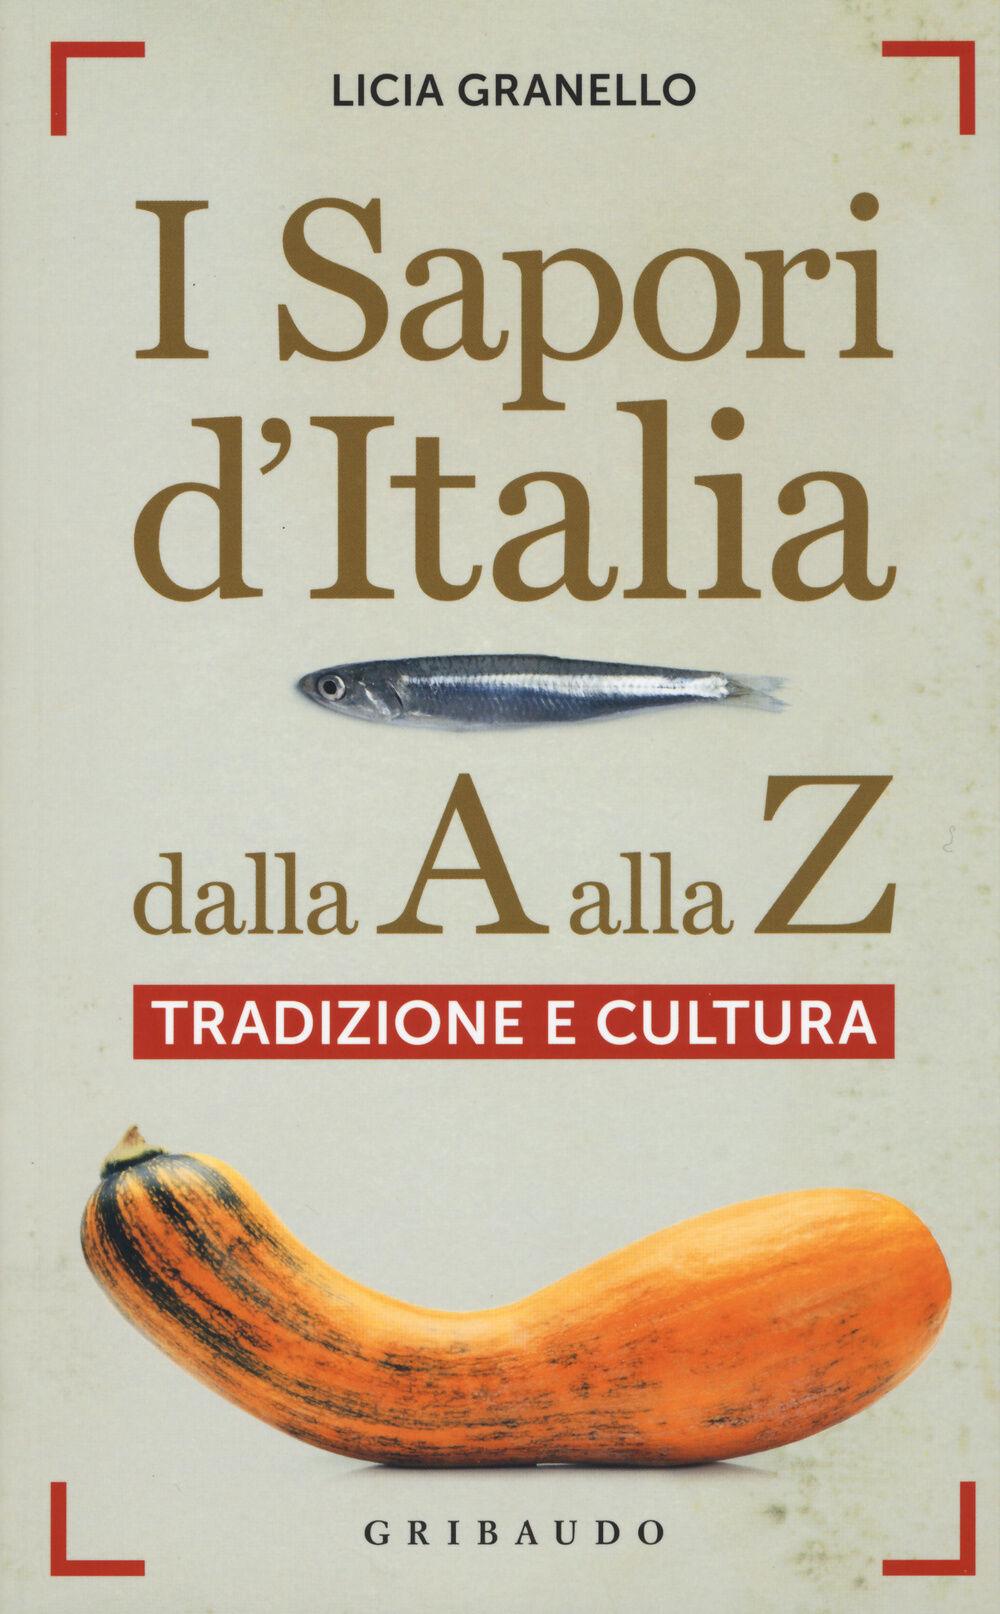 I sapori d'Italia dalla A alla Z. Tradizione e cultura